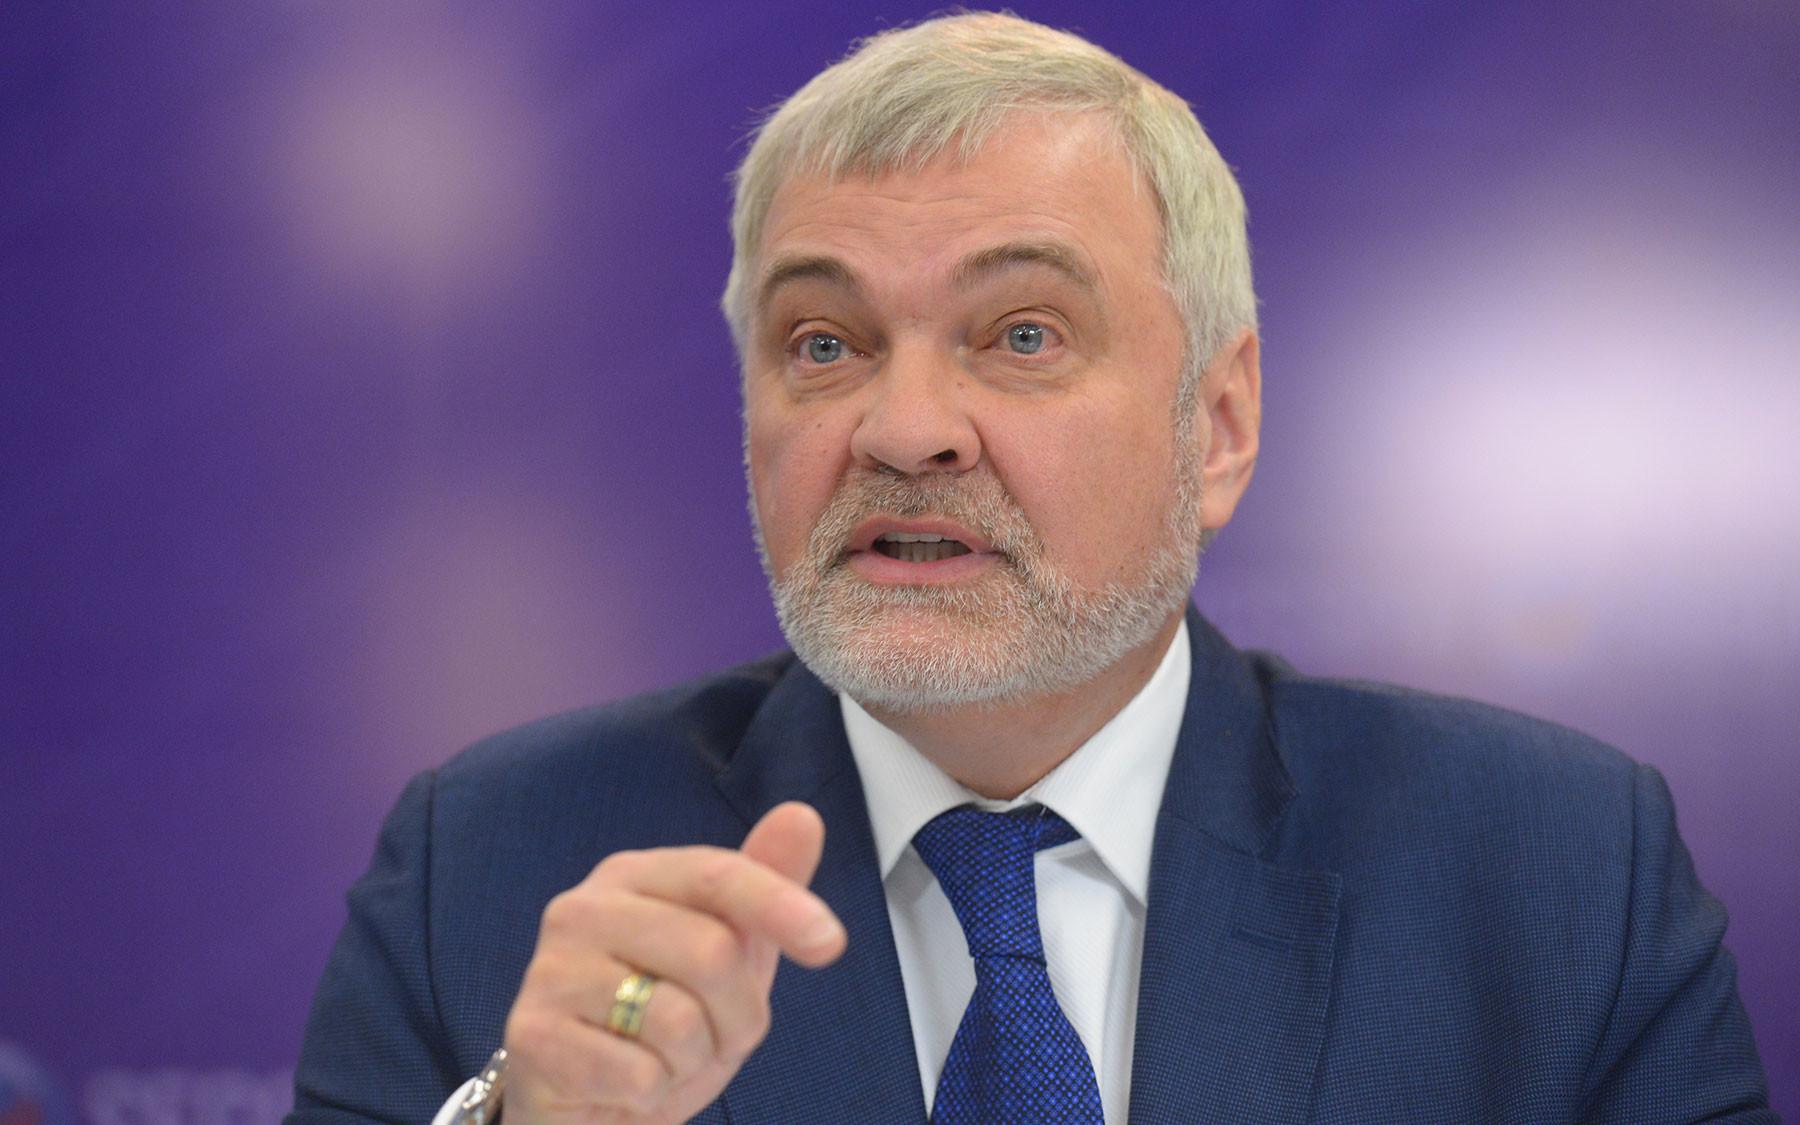 Руководитель Федерального медико-биологического агентства Владимир Уйба. Фото: © РИА Новости / Владимир Трефилов